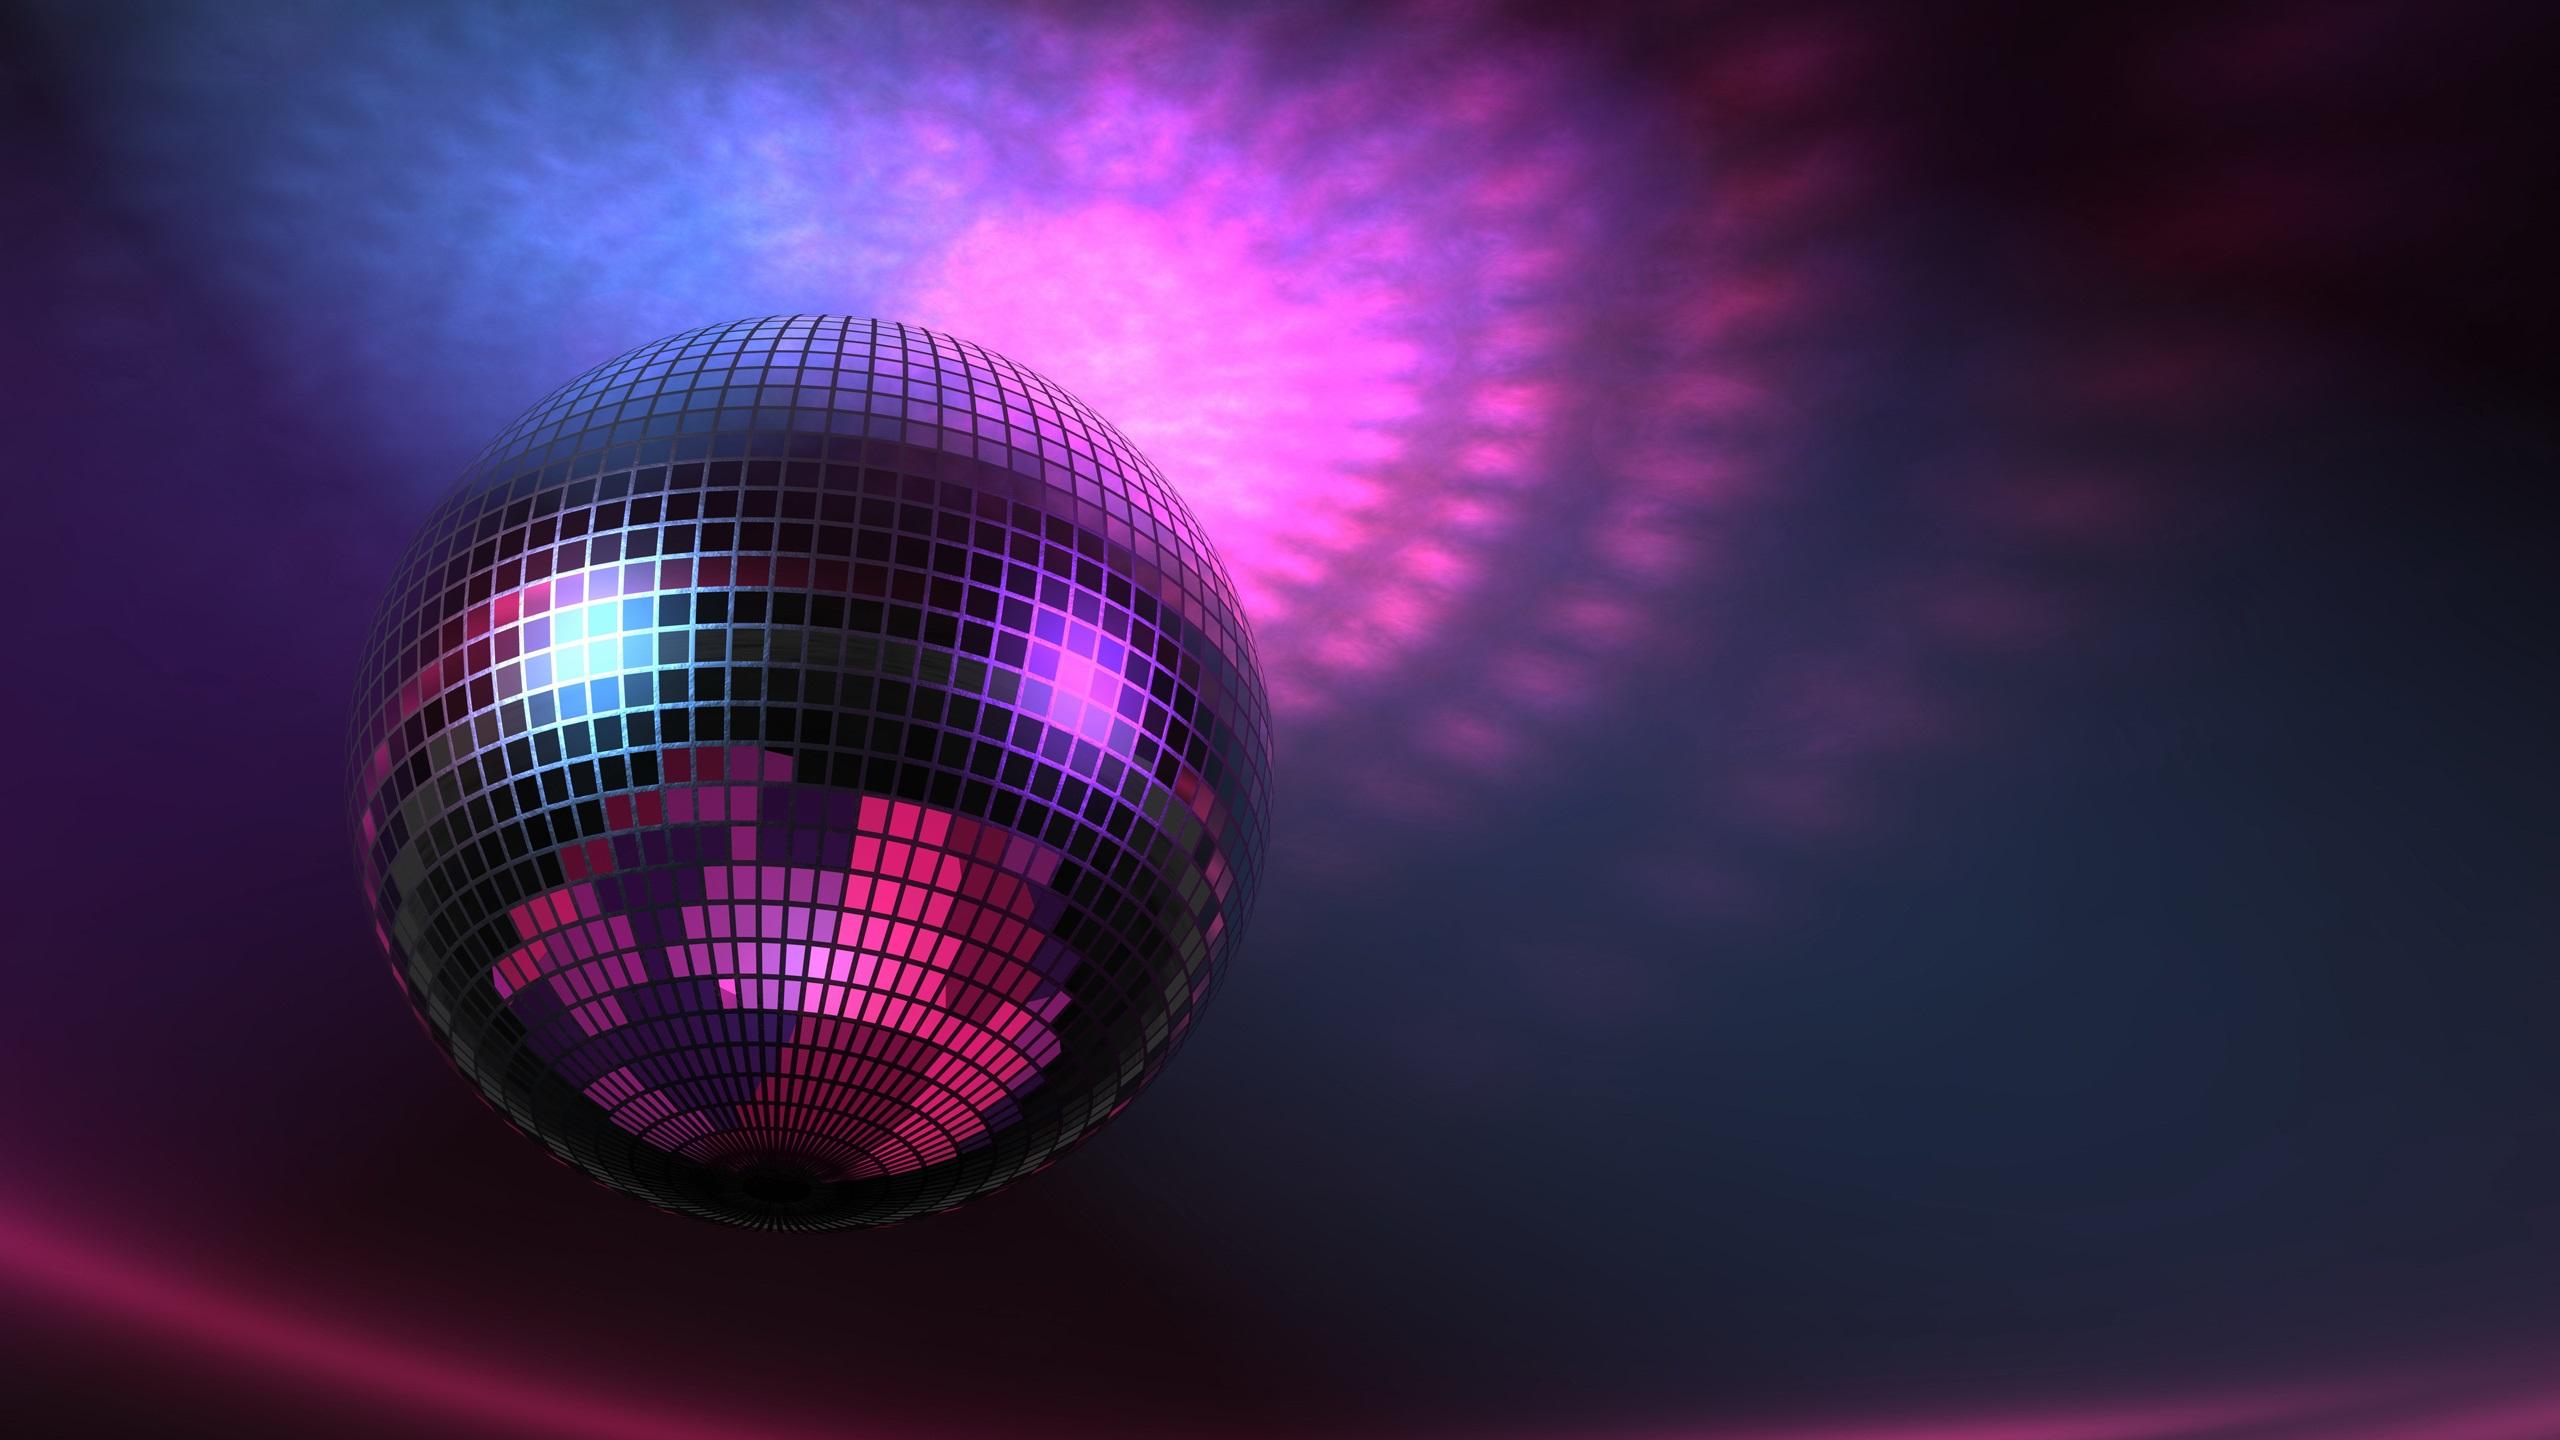 Fondos de pantalla luces m sica la bola de discoteca - Bola de discoteca de colores ...